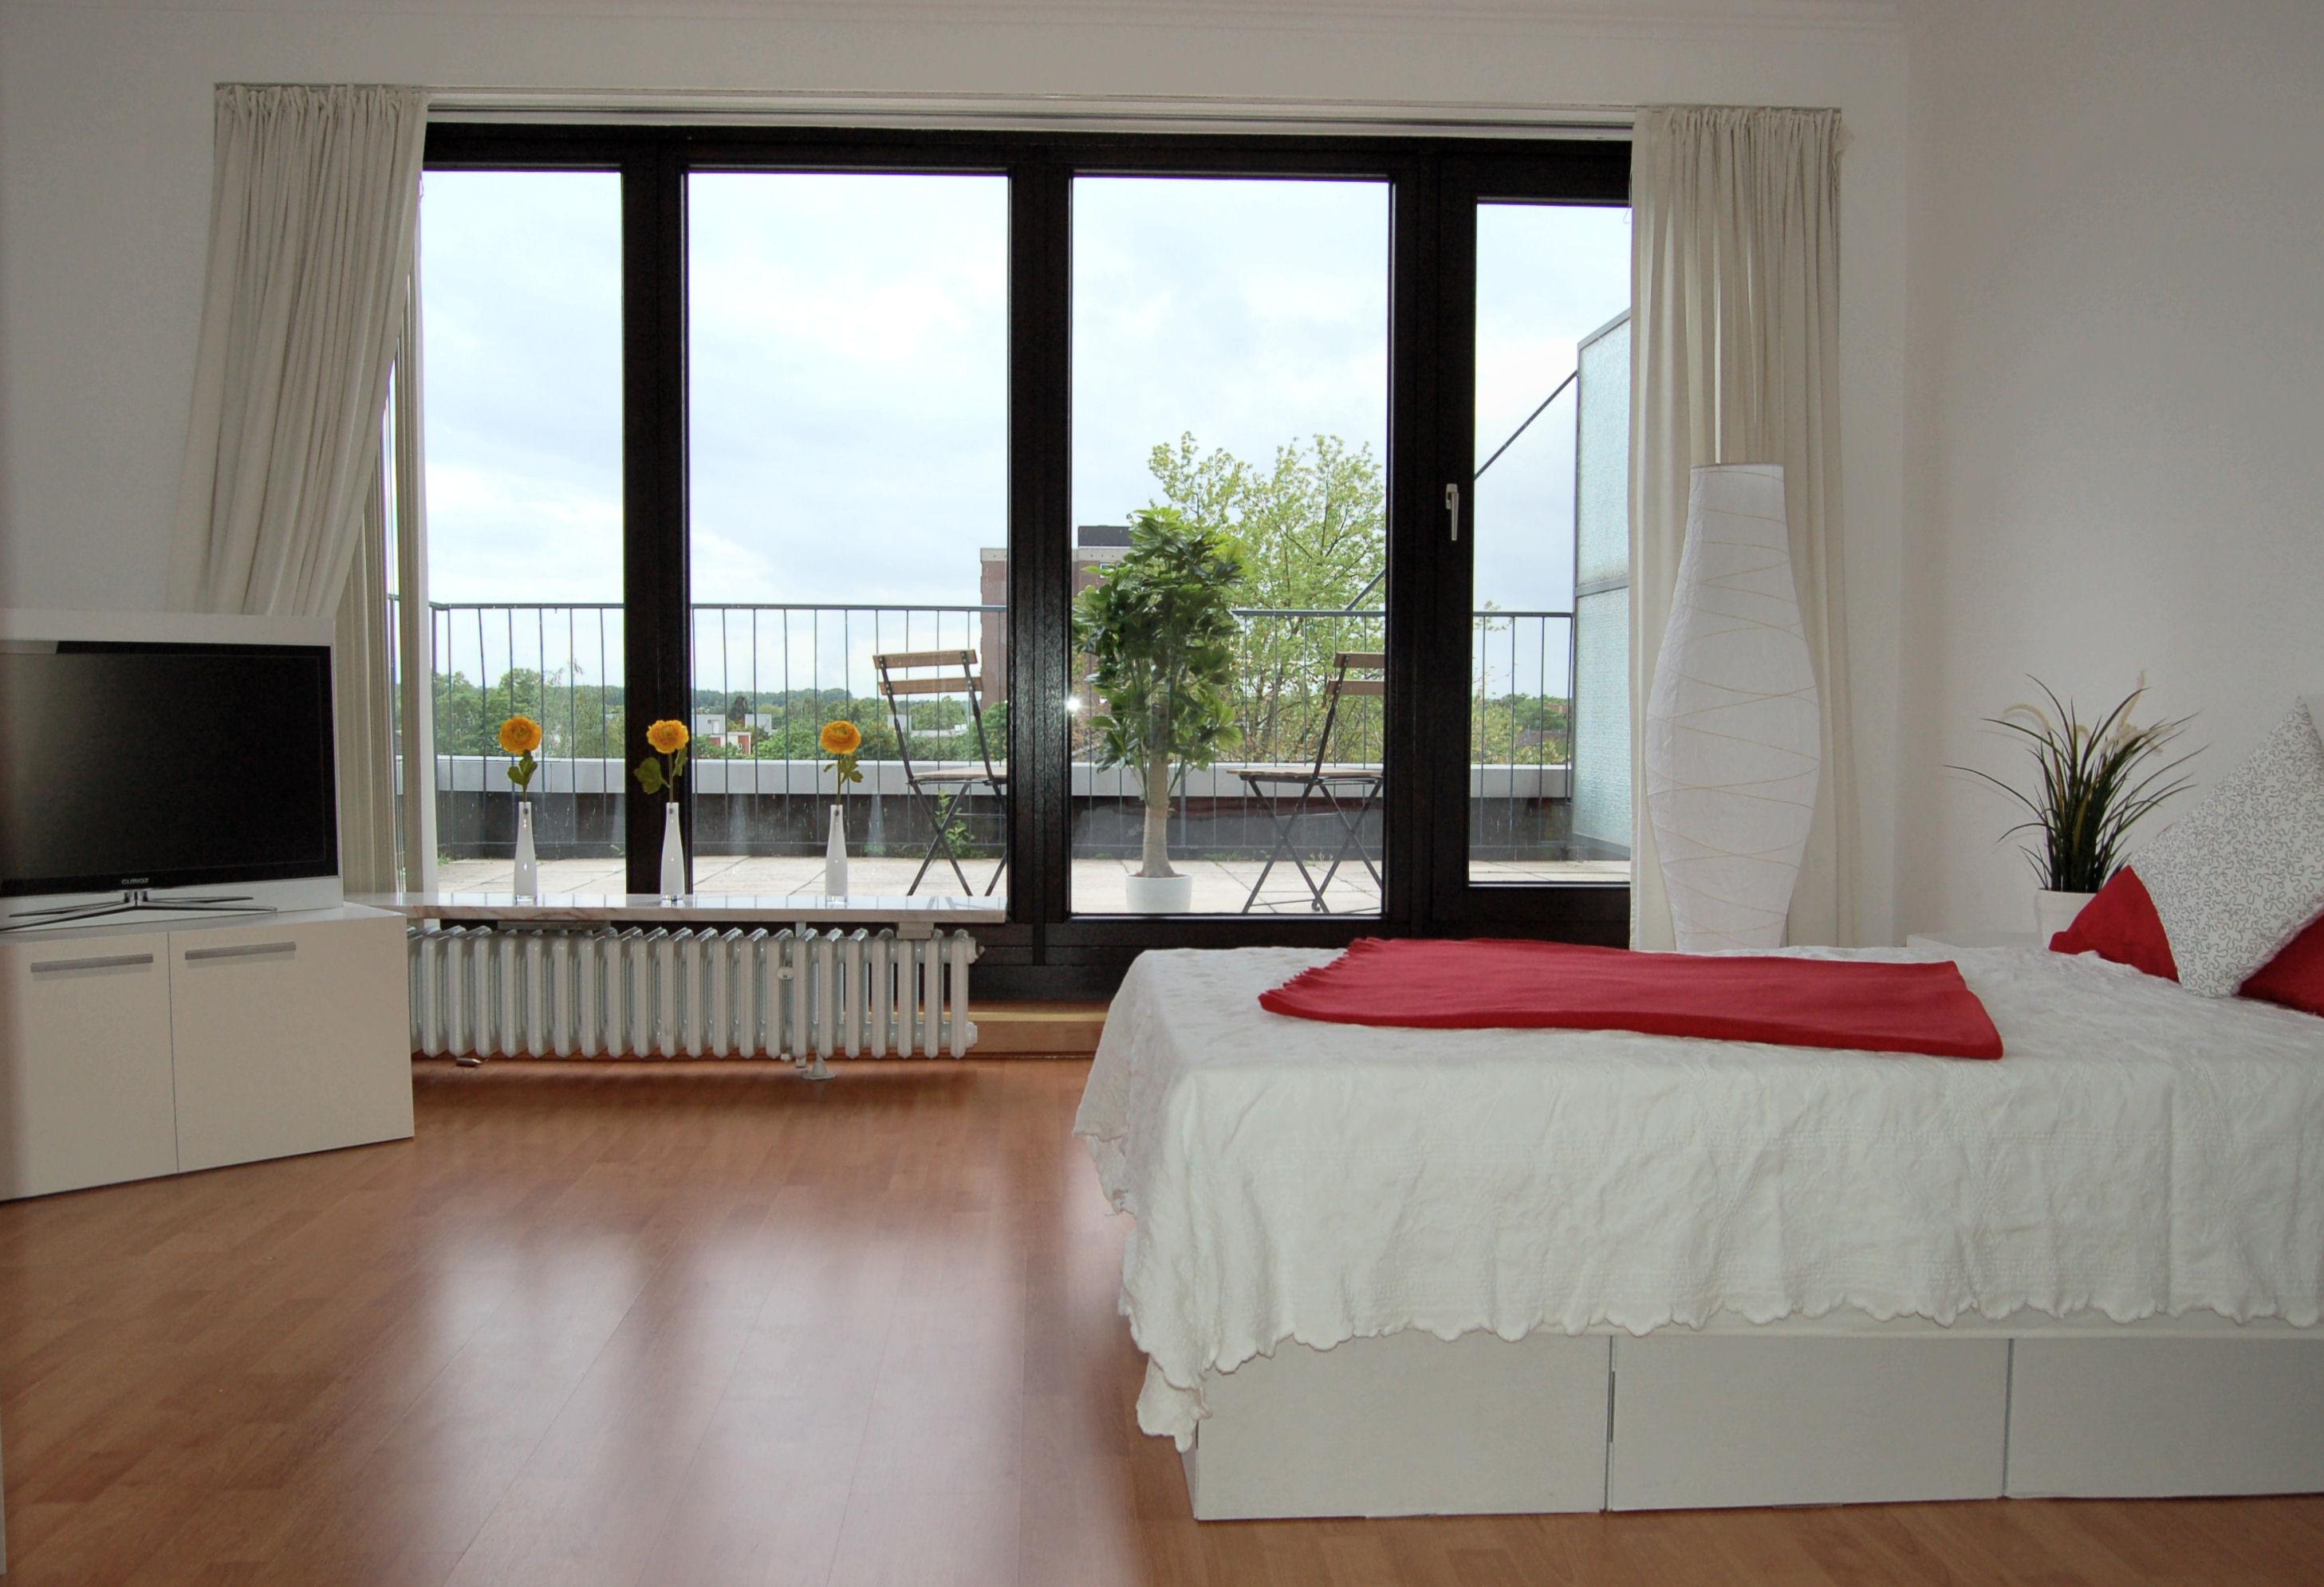 viel Platz_1000x665 - Penthouse-Appartement, Dachterrasse, EBK und Schwimmbad im Haus.